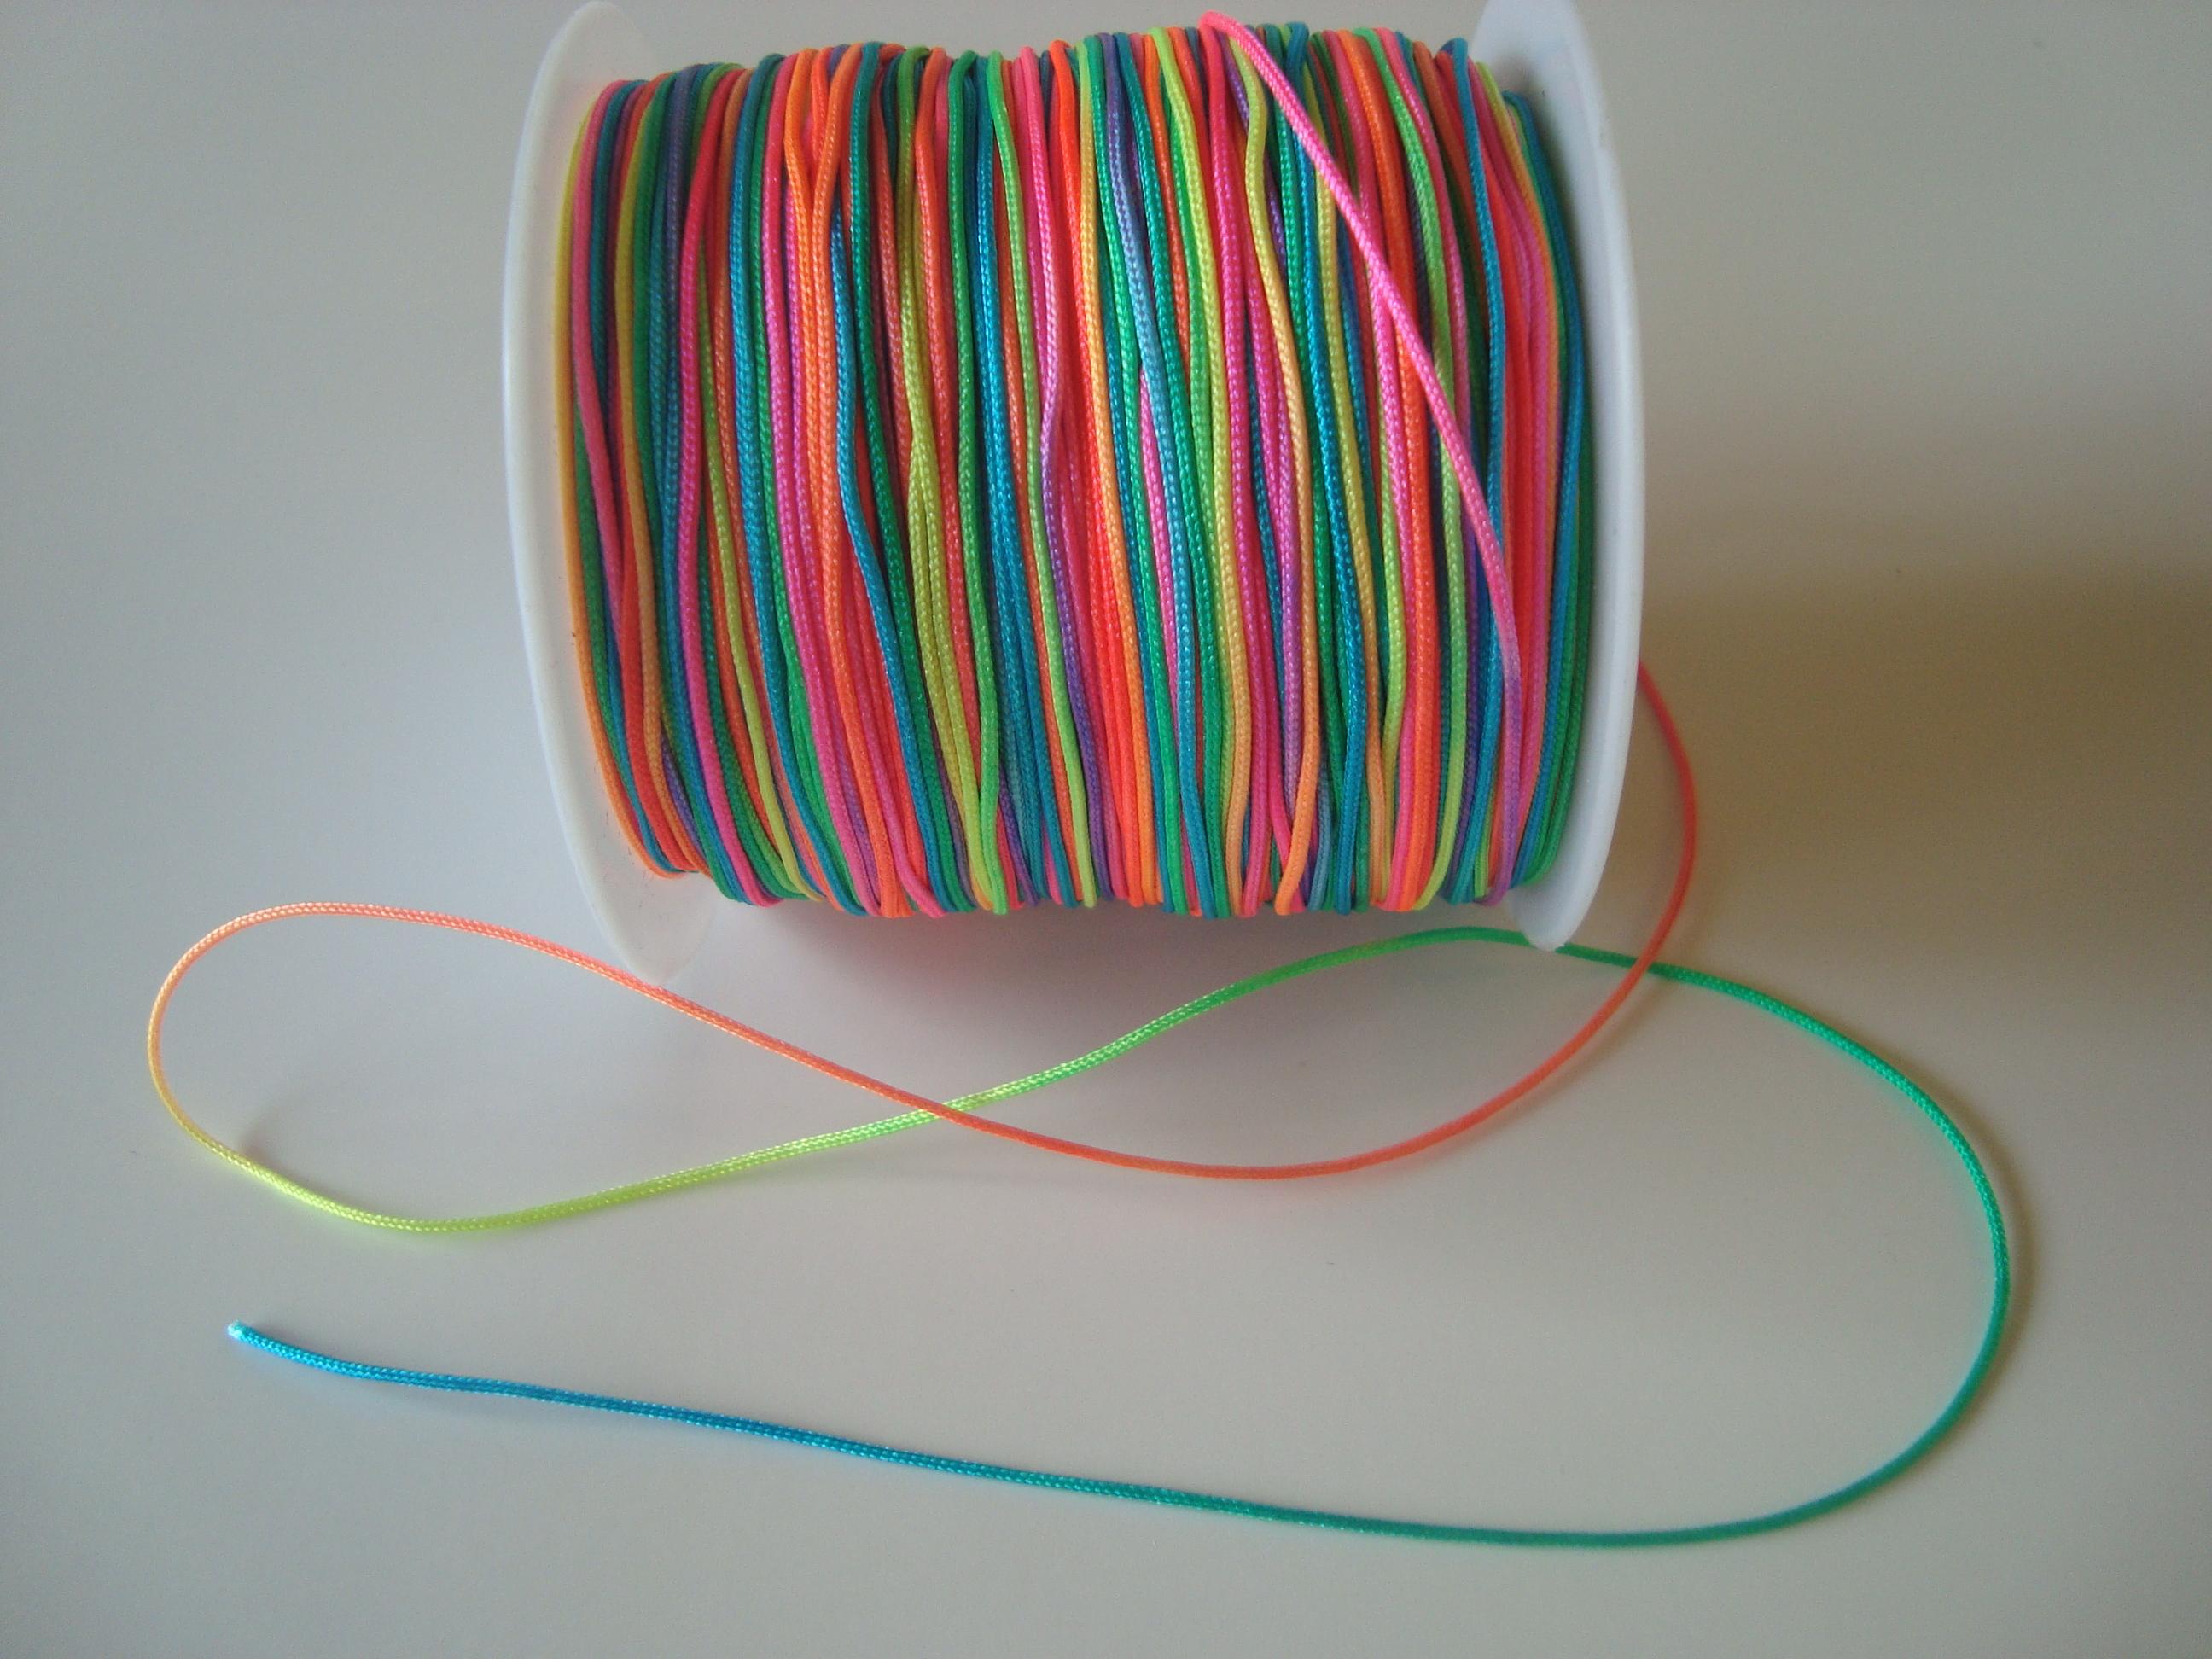 Nylonová šňůrka 0,8mm - barevná